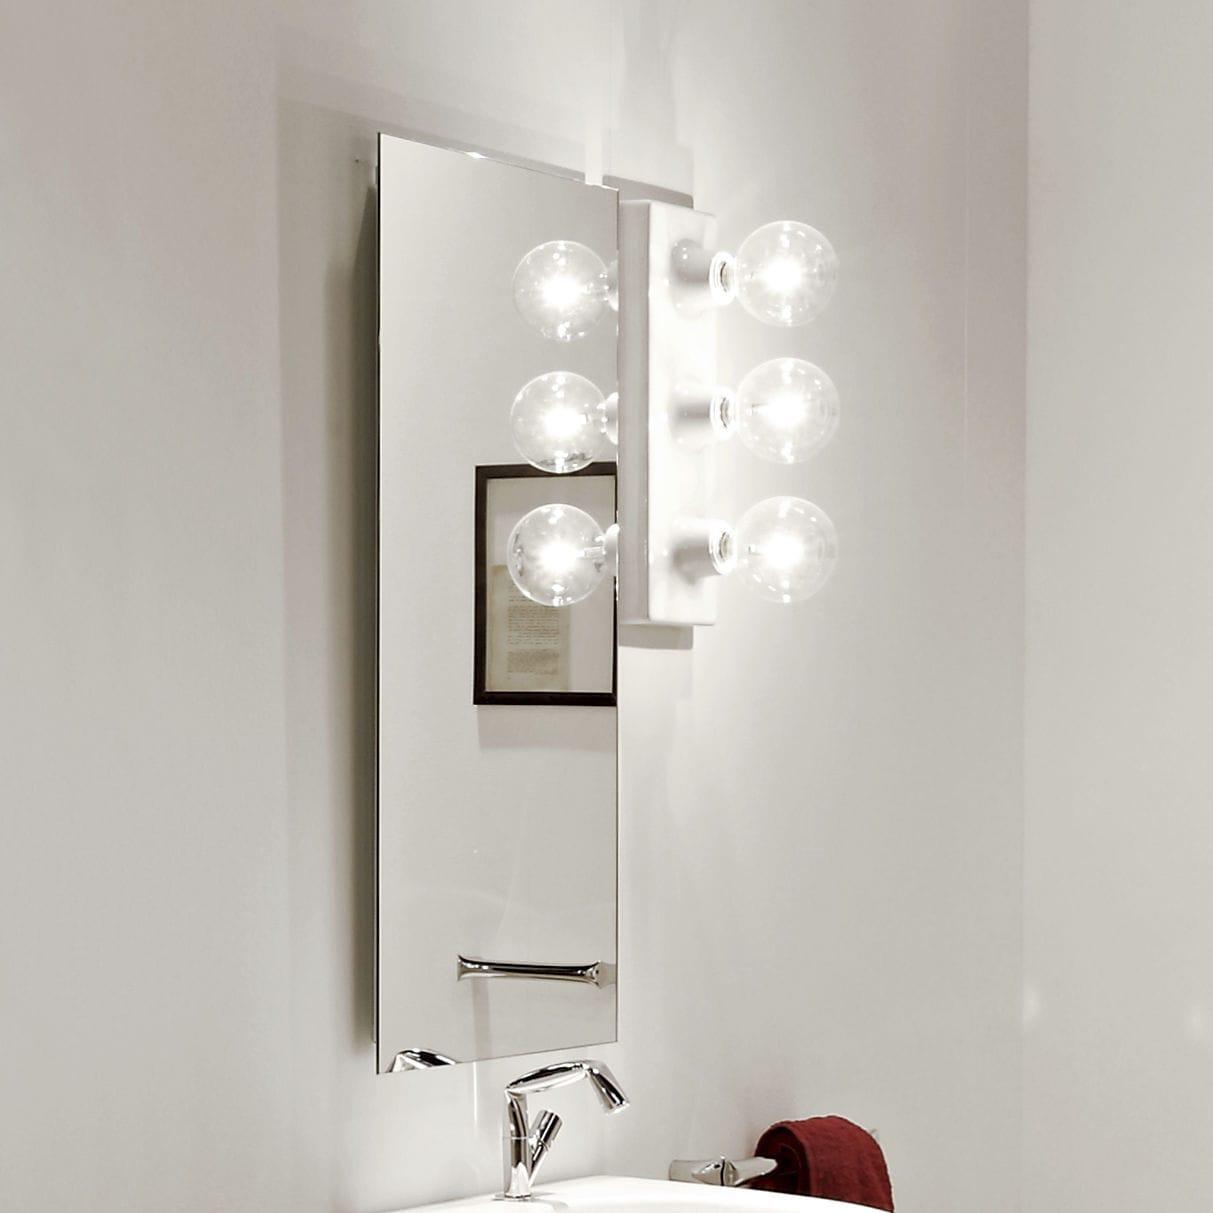 Brossette Salle De Bain Evreux ~ Miroir De Salle De Bain Mural Lumineux Contemporain